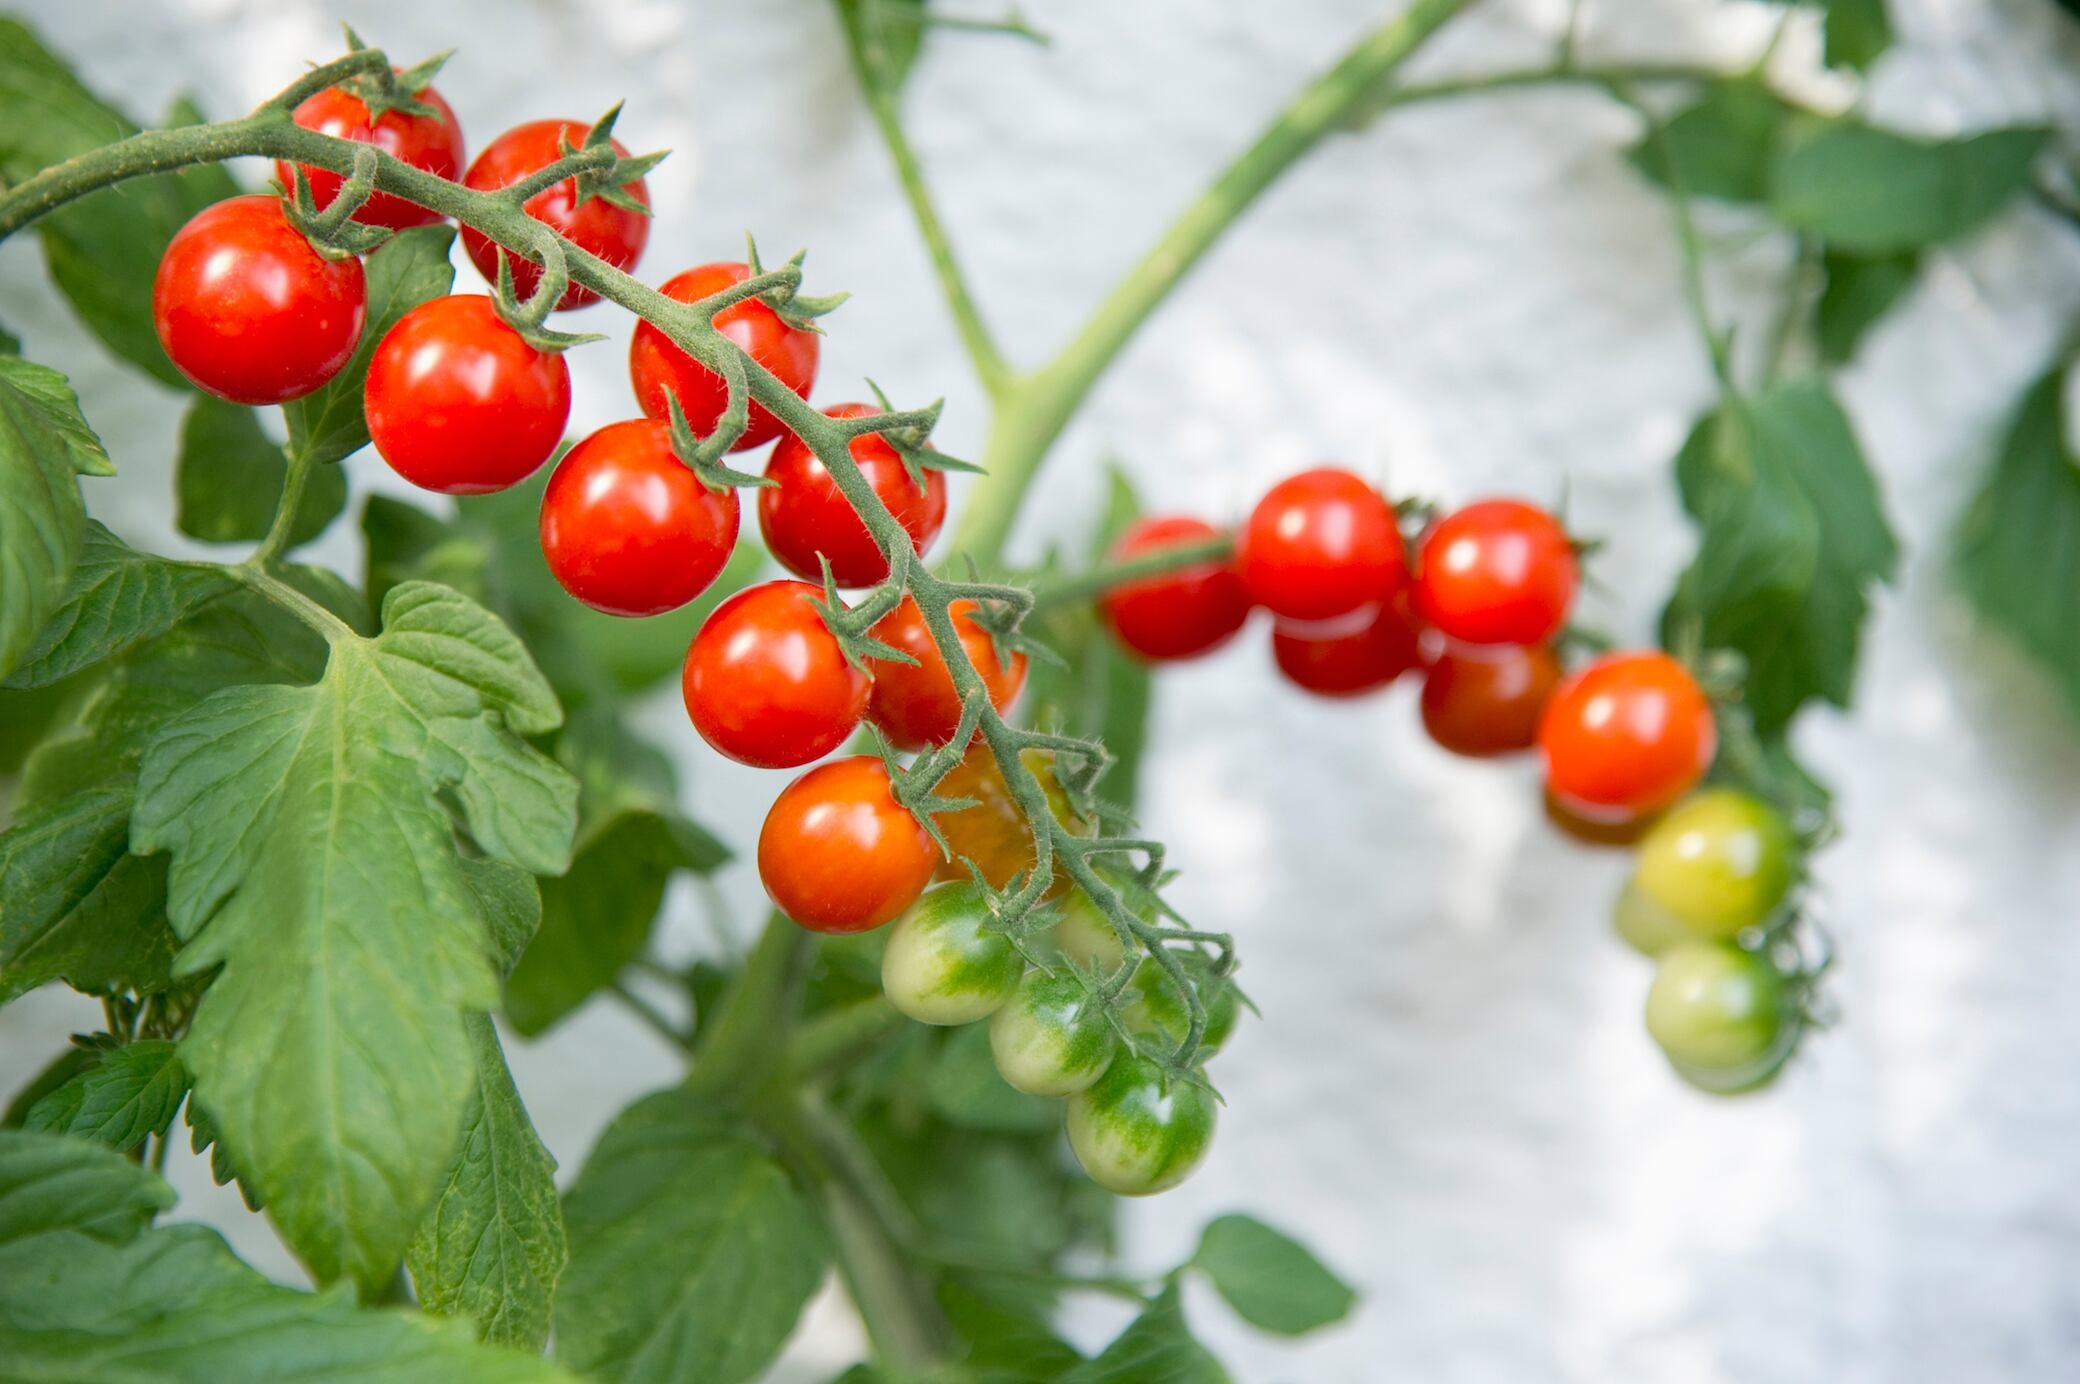 Mit diesen Tipps ziehen Sie ganz leicht selbst Tomaten auf dem Balkon